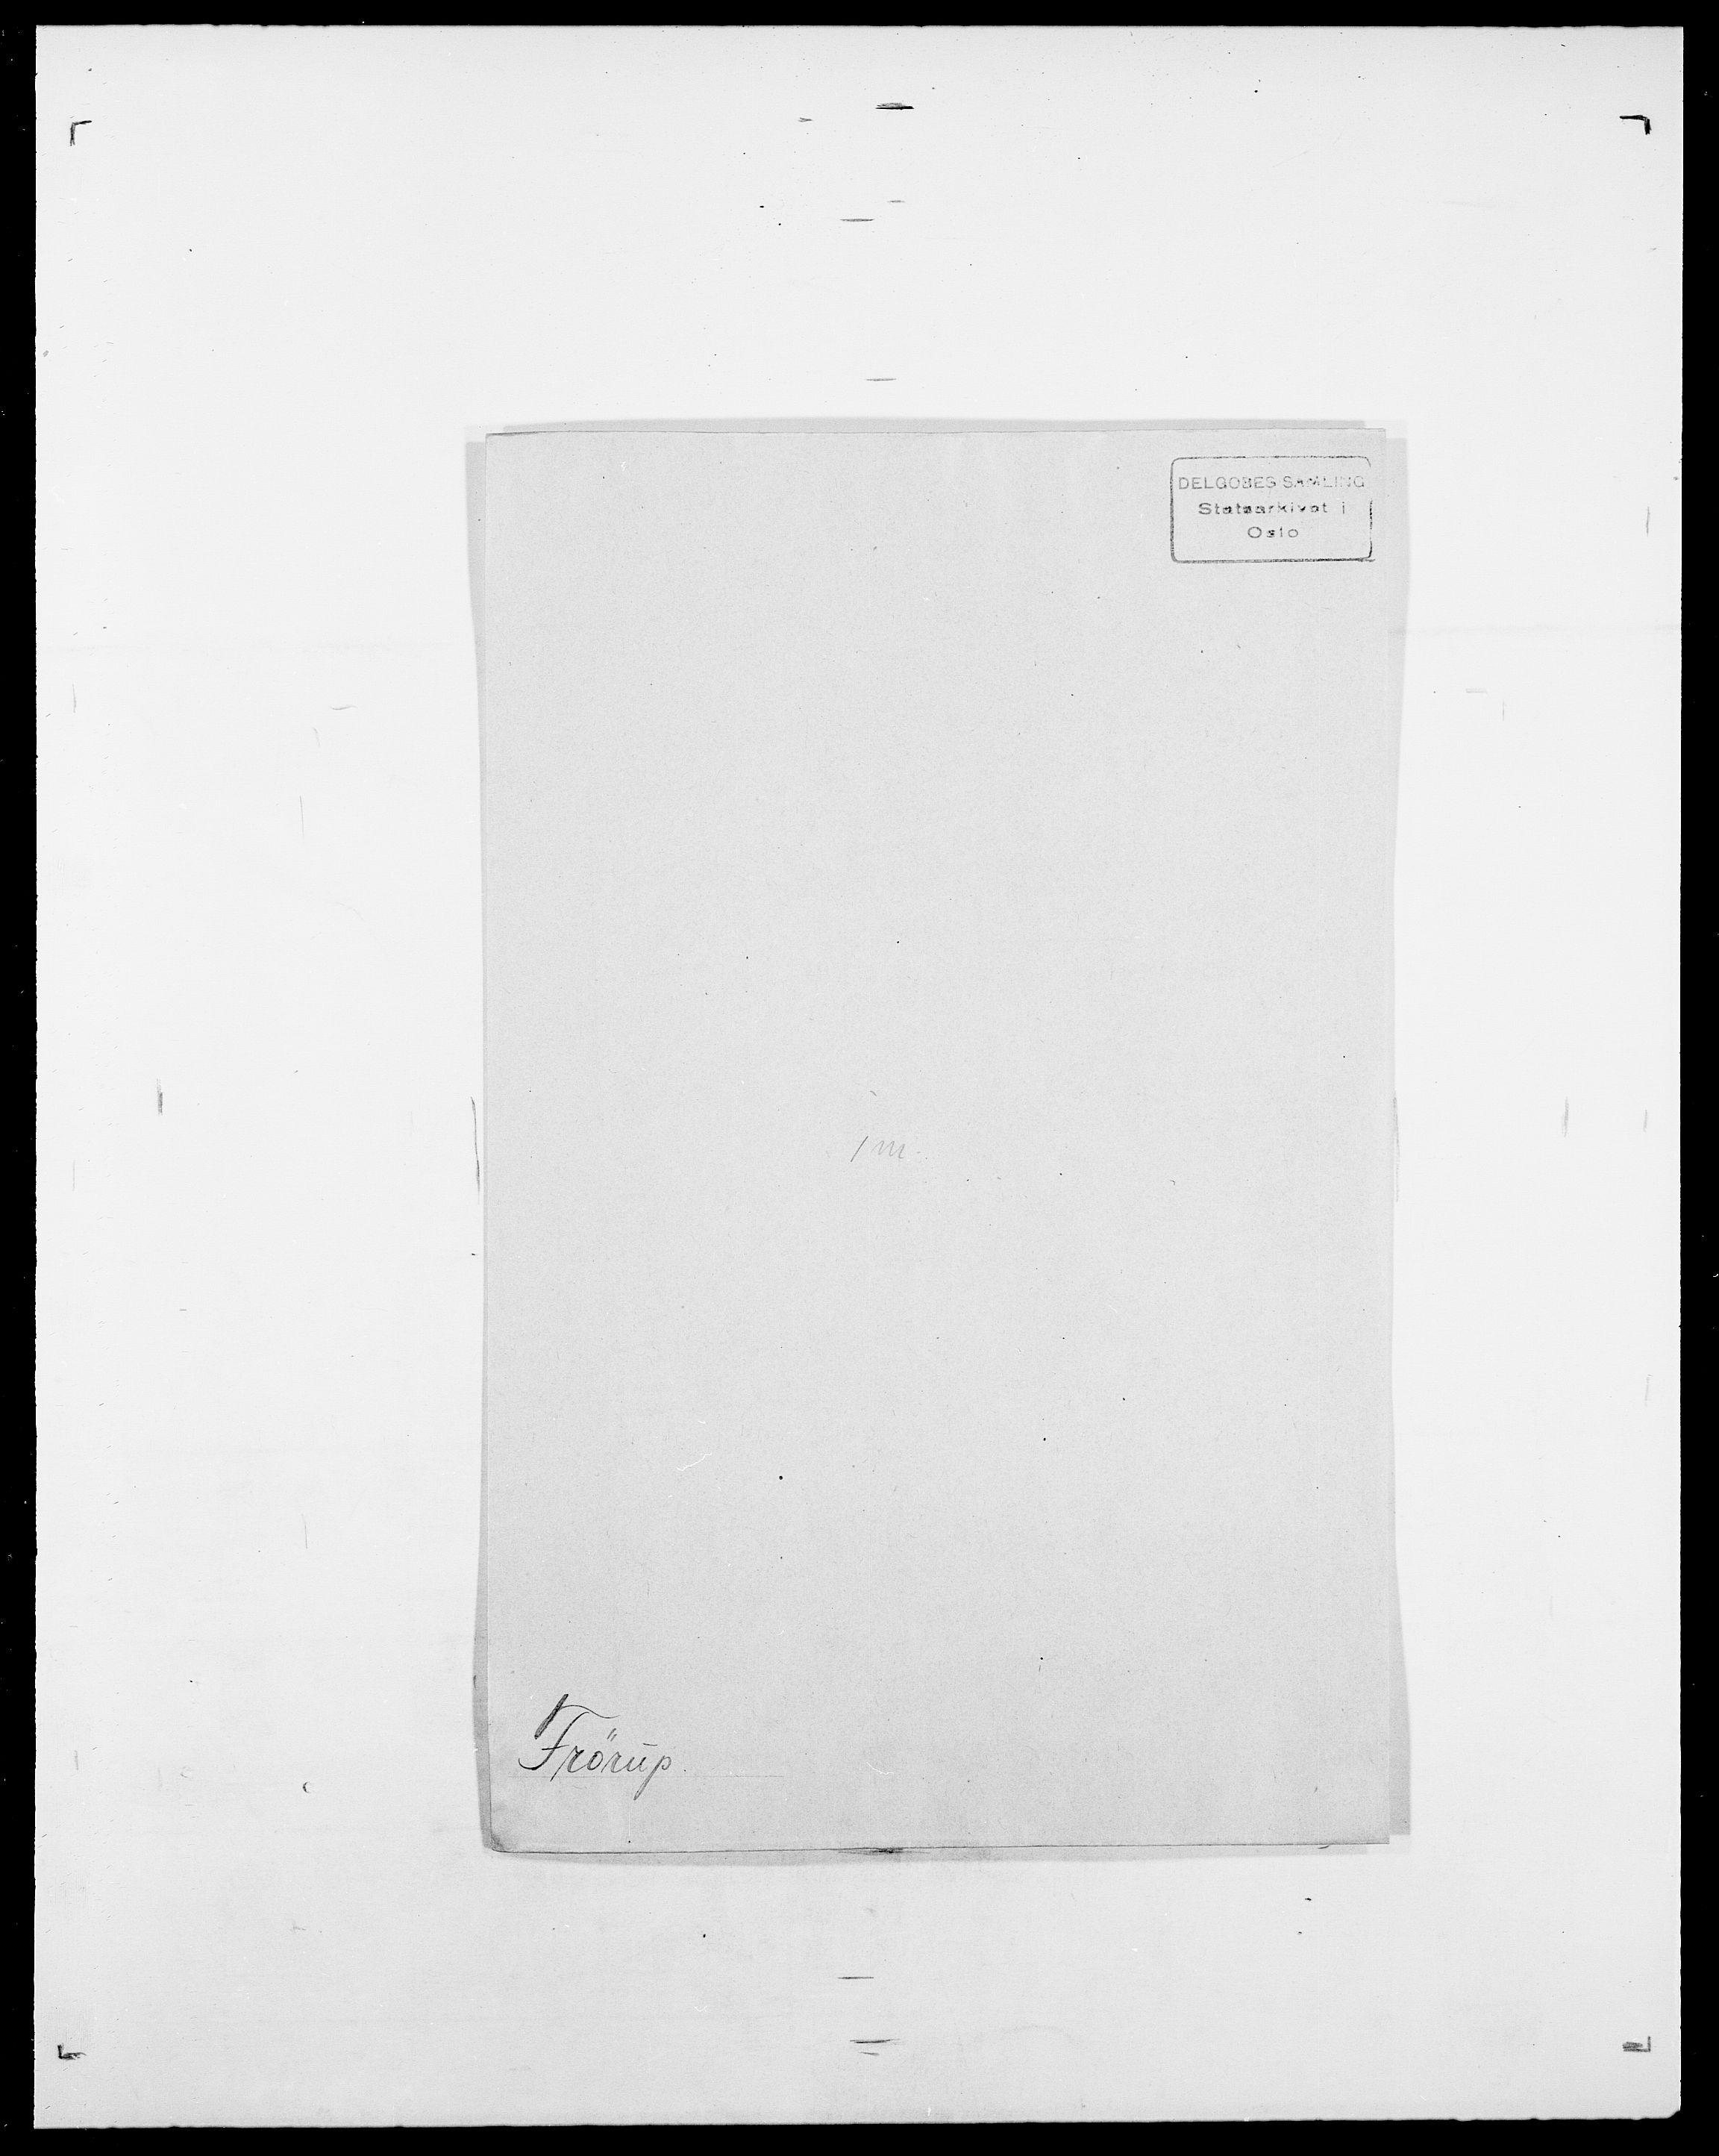 SAO, Delgobe, Charles Antoine - samling, D/Da/L0013: Forbos - Geving, s. 123